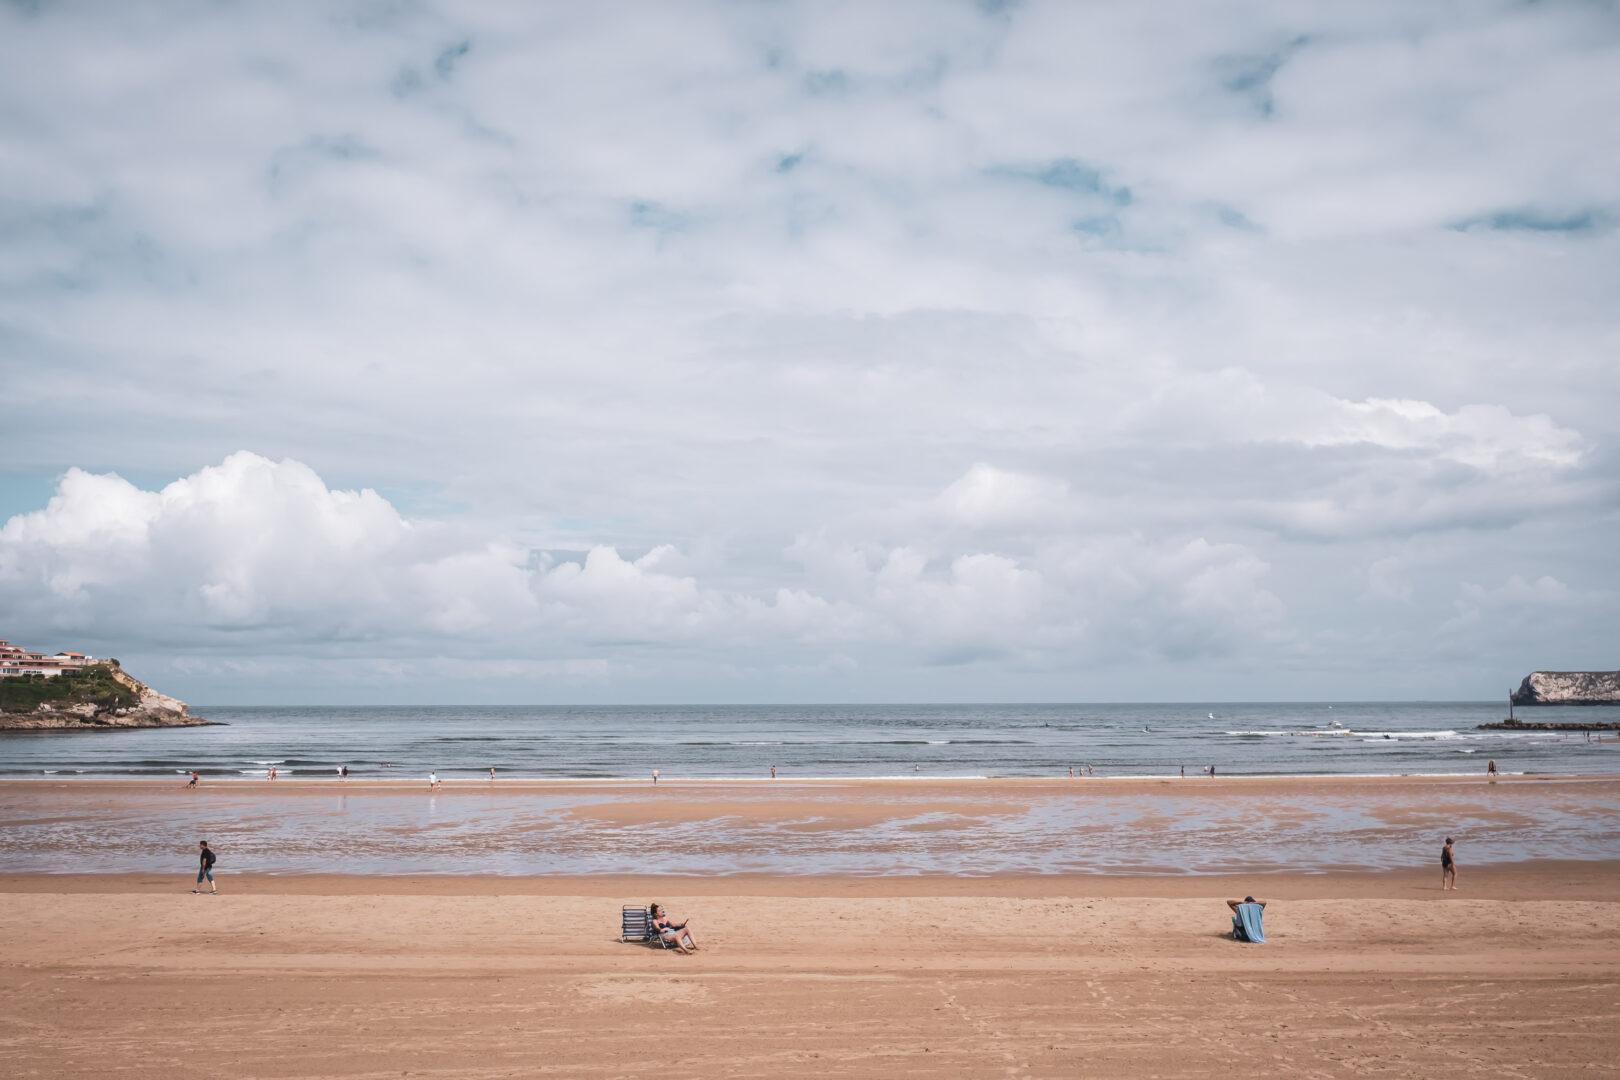 nordvästra Spanien, Santillana de Mar, Playa de la Concha